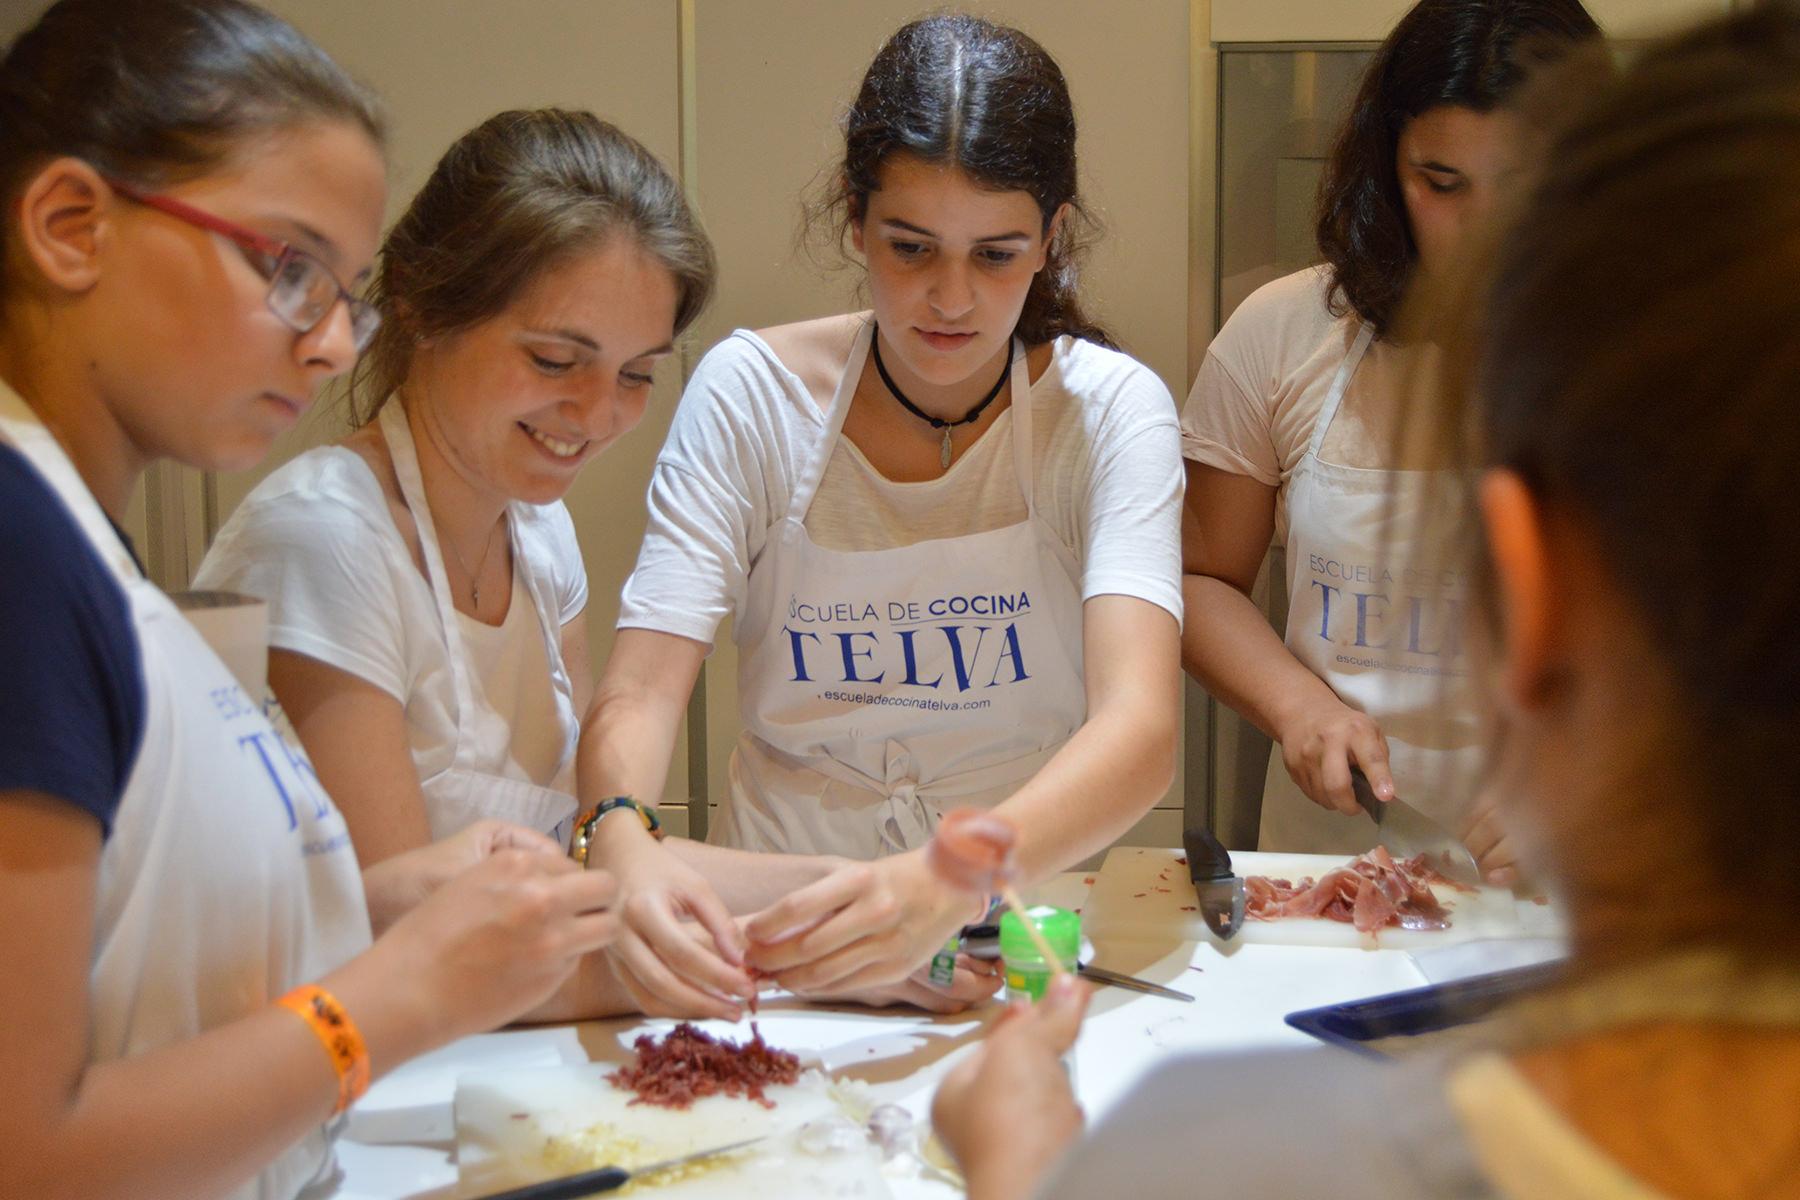 Campamentos-Teens-Cursos-monográficos-de-la-Escuela-de-cocina-TELVA